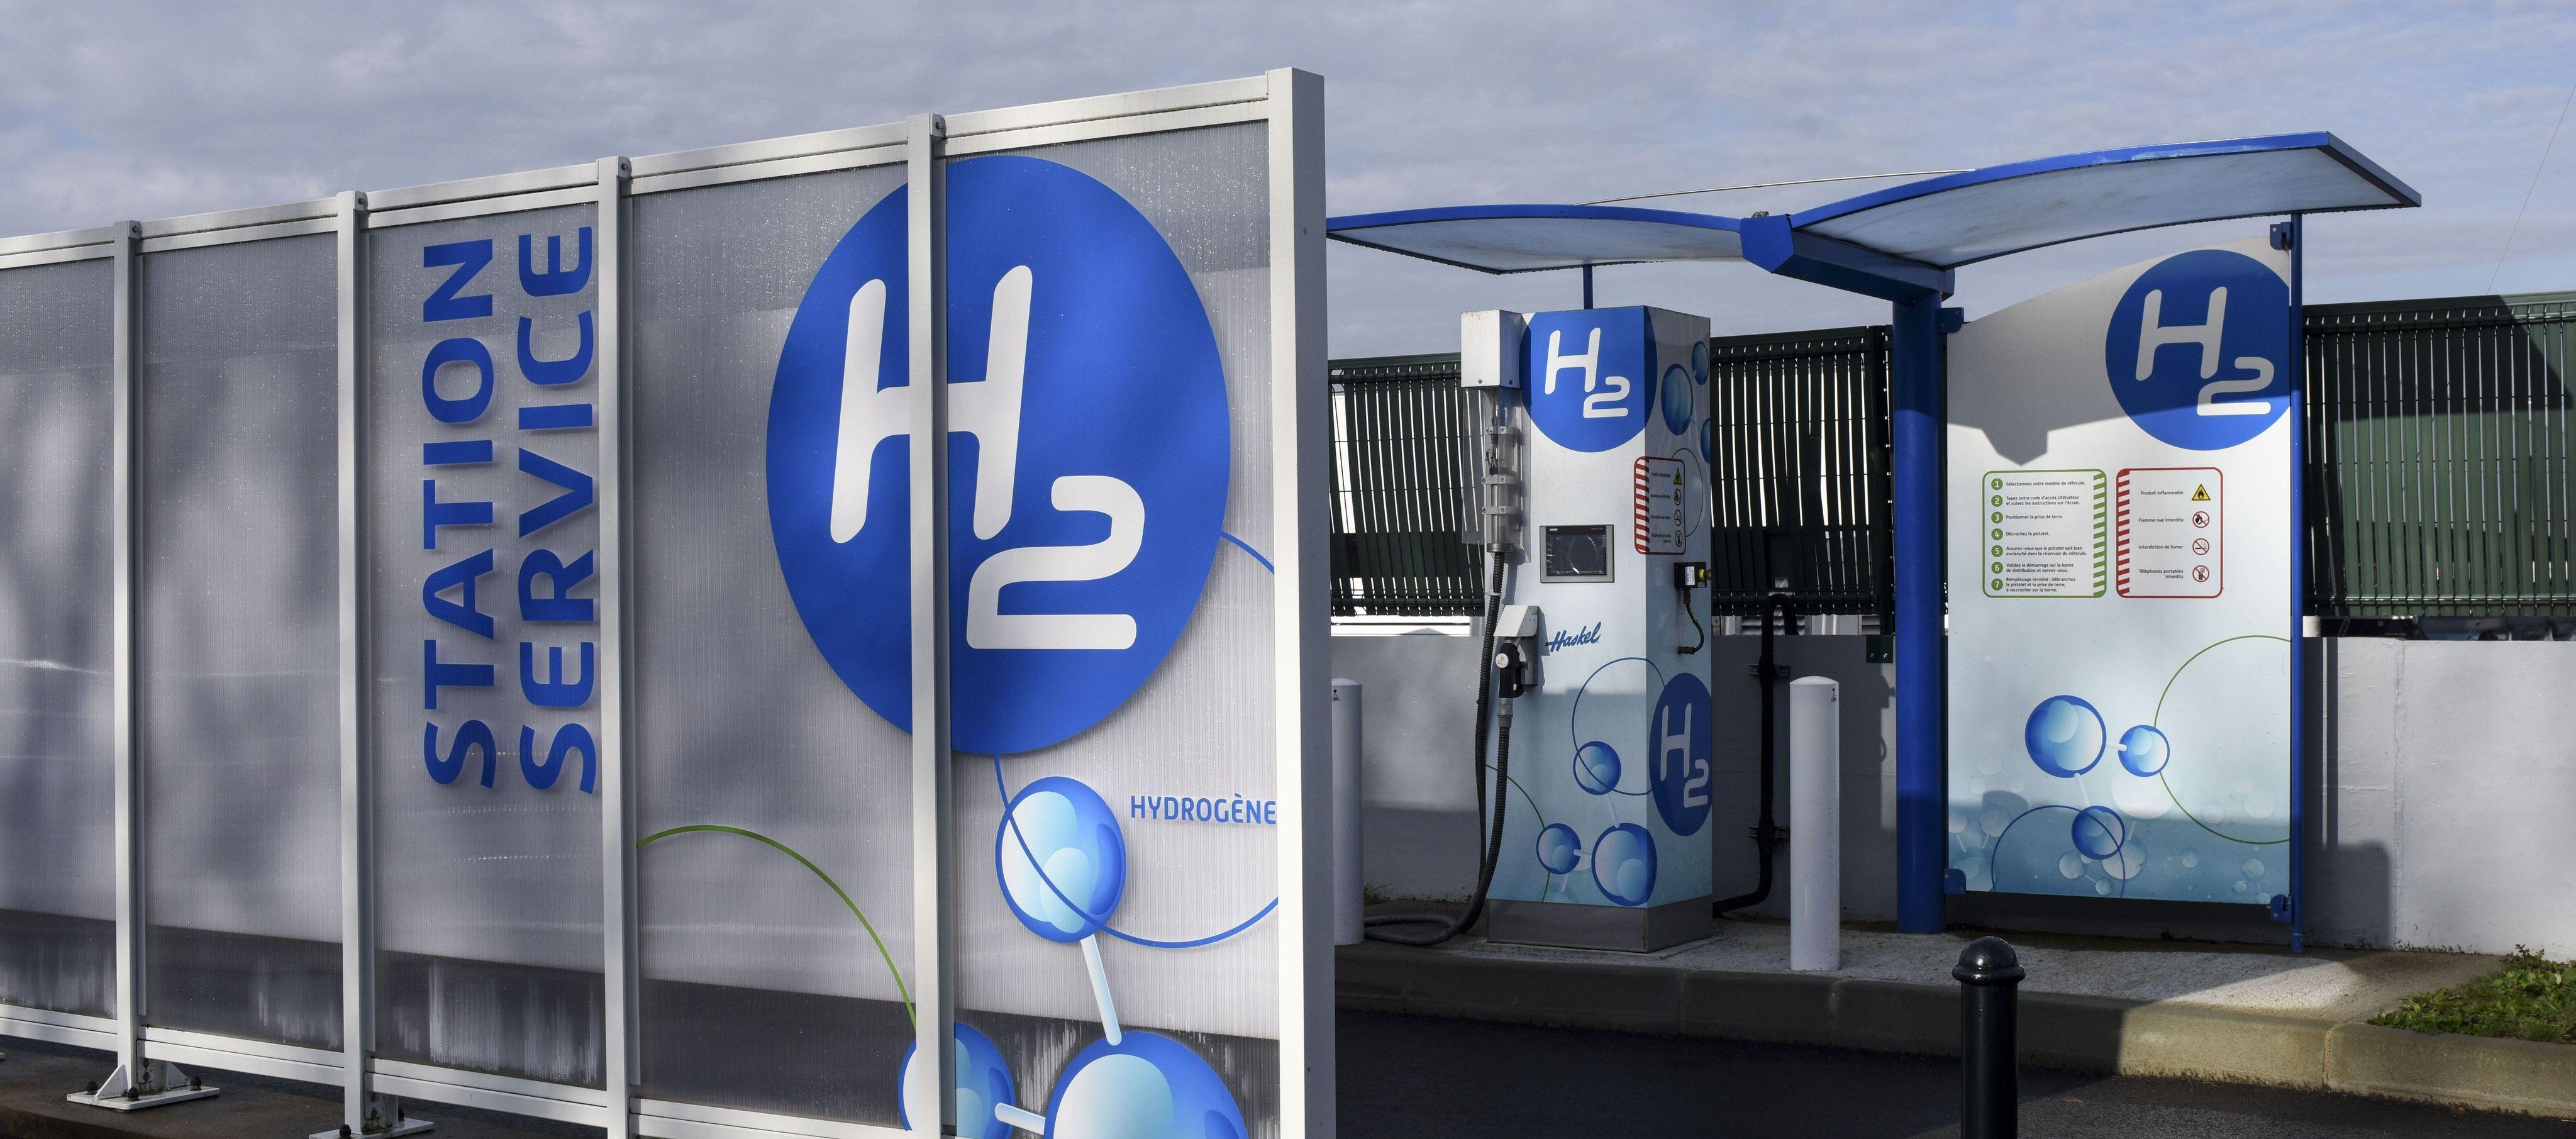 Une station d'hydrogène en Loire-Atlantique. (illustration)